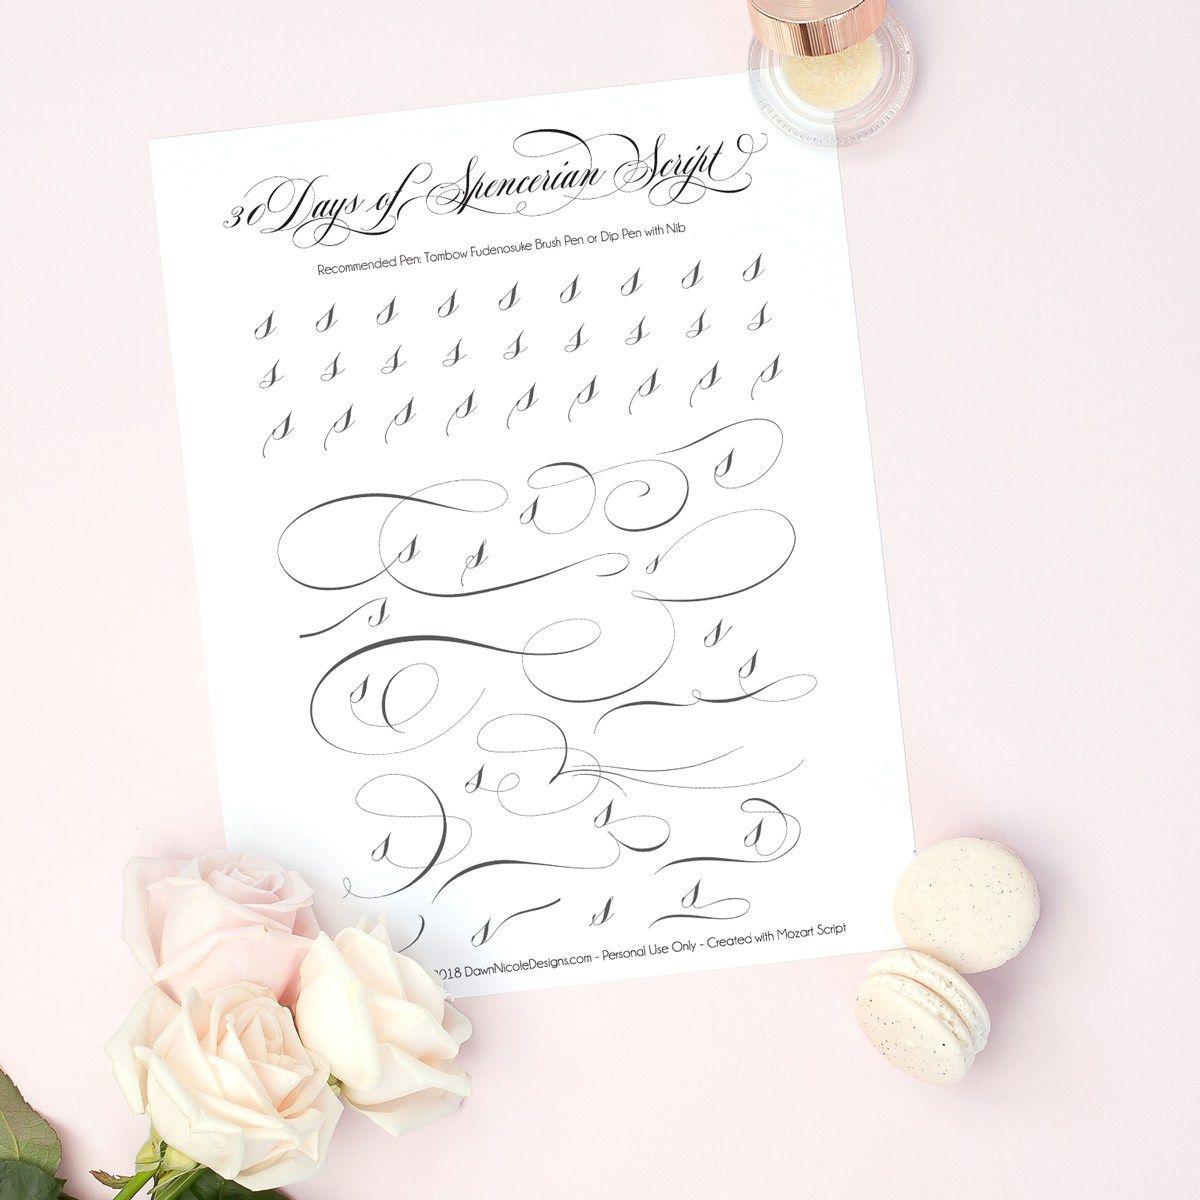 Spencerian Script Style Letter S Worksheets